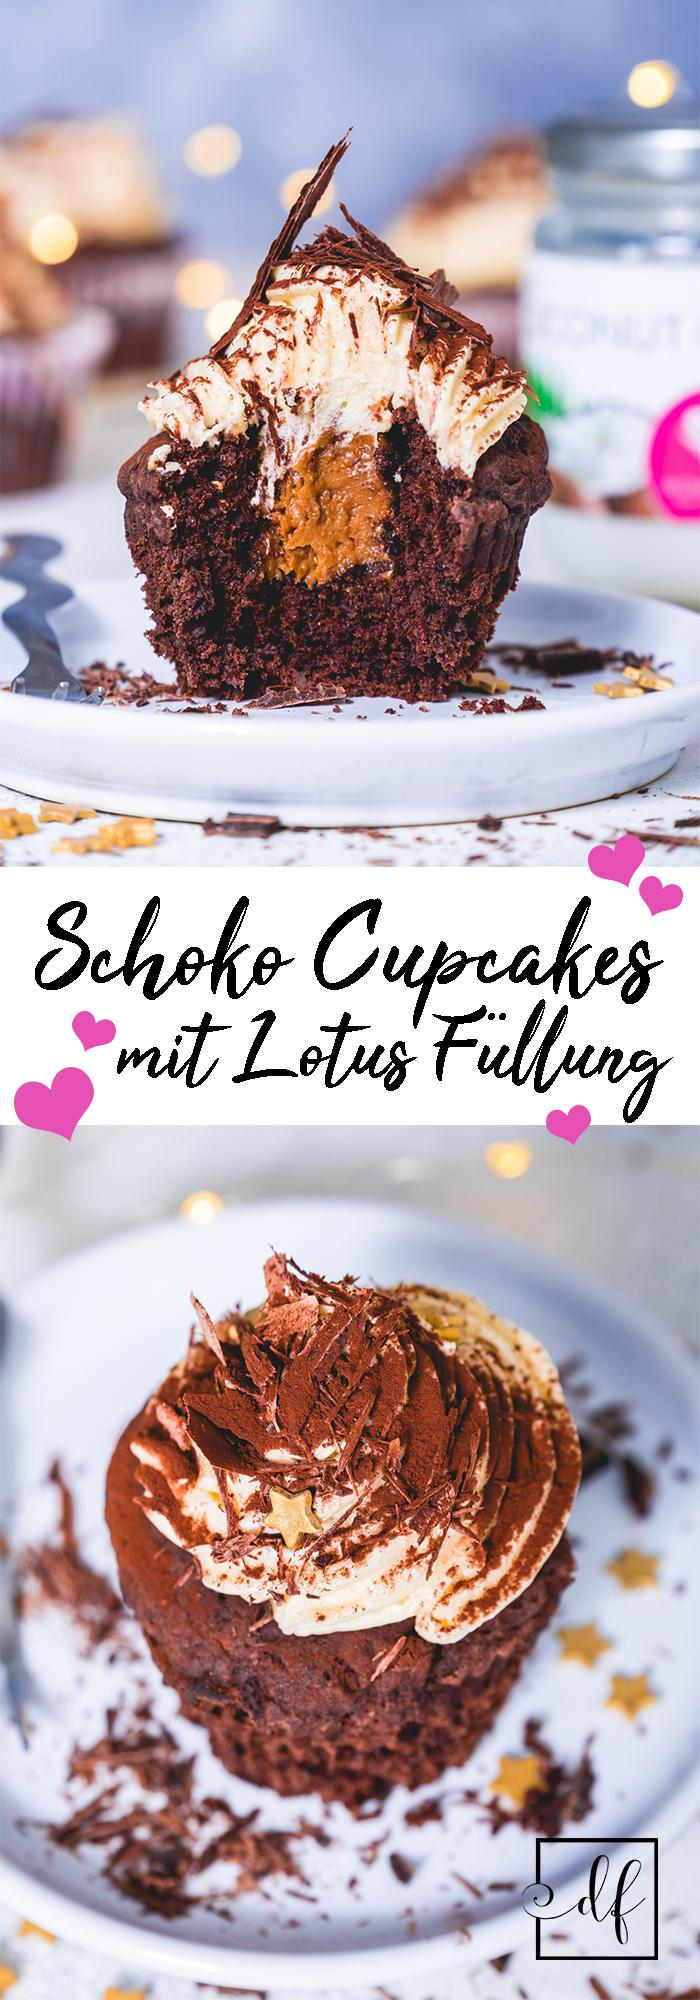 gesunde, vegane Schoko Muffins mit Lotus Füllung und Buttercreme